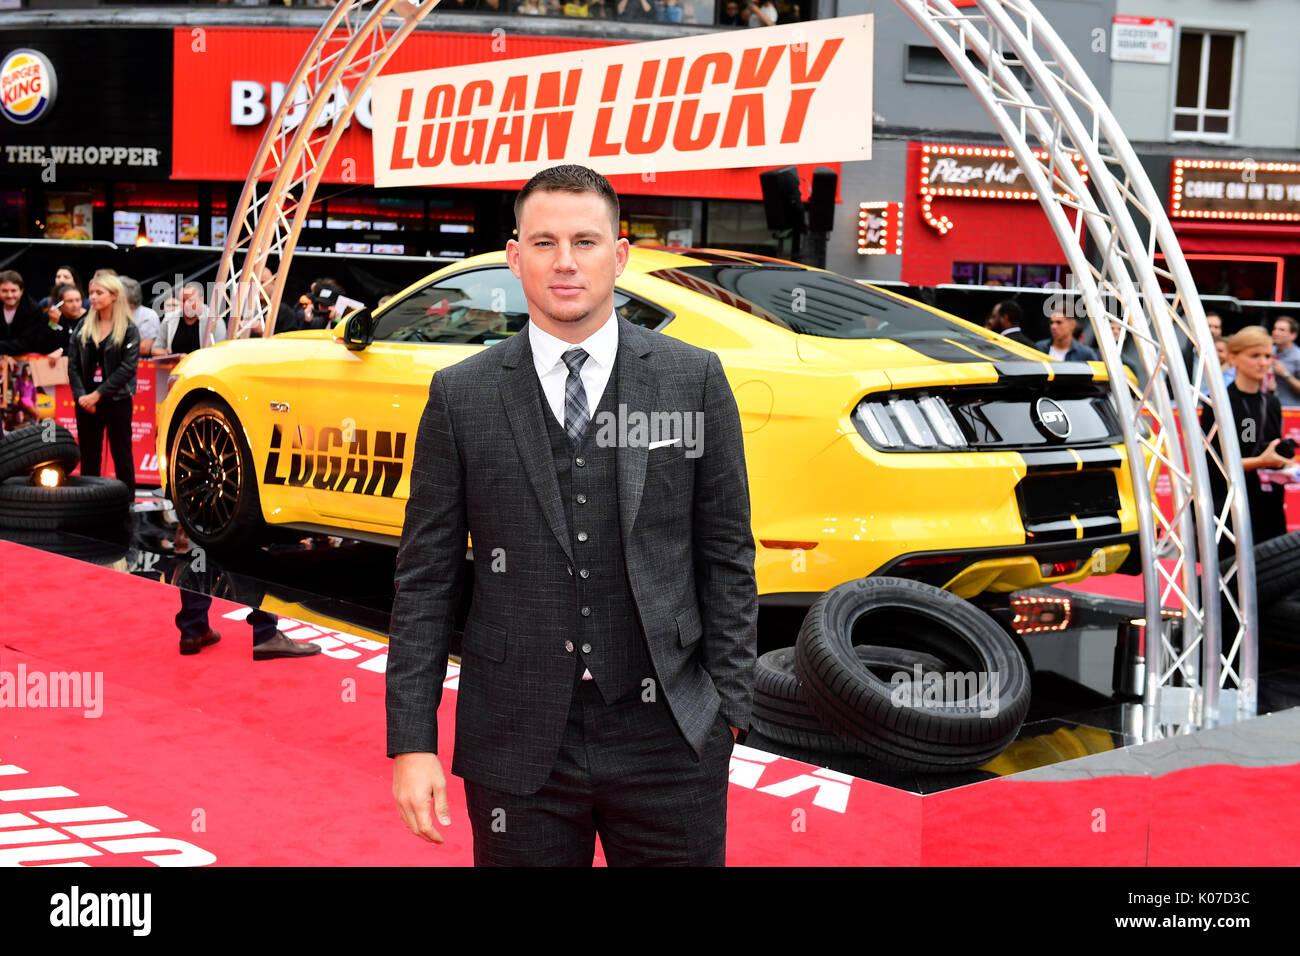 Channing Tatum Teilnahme an der Logan Lucky UK Premiere auf der Vue West End in Leicester Square, London statt. Stockbild